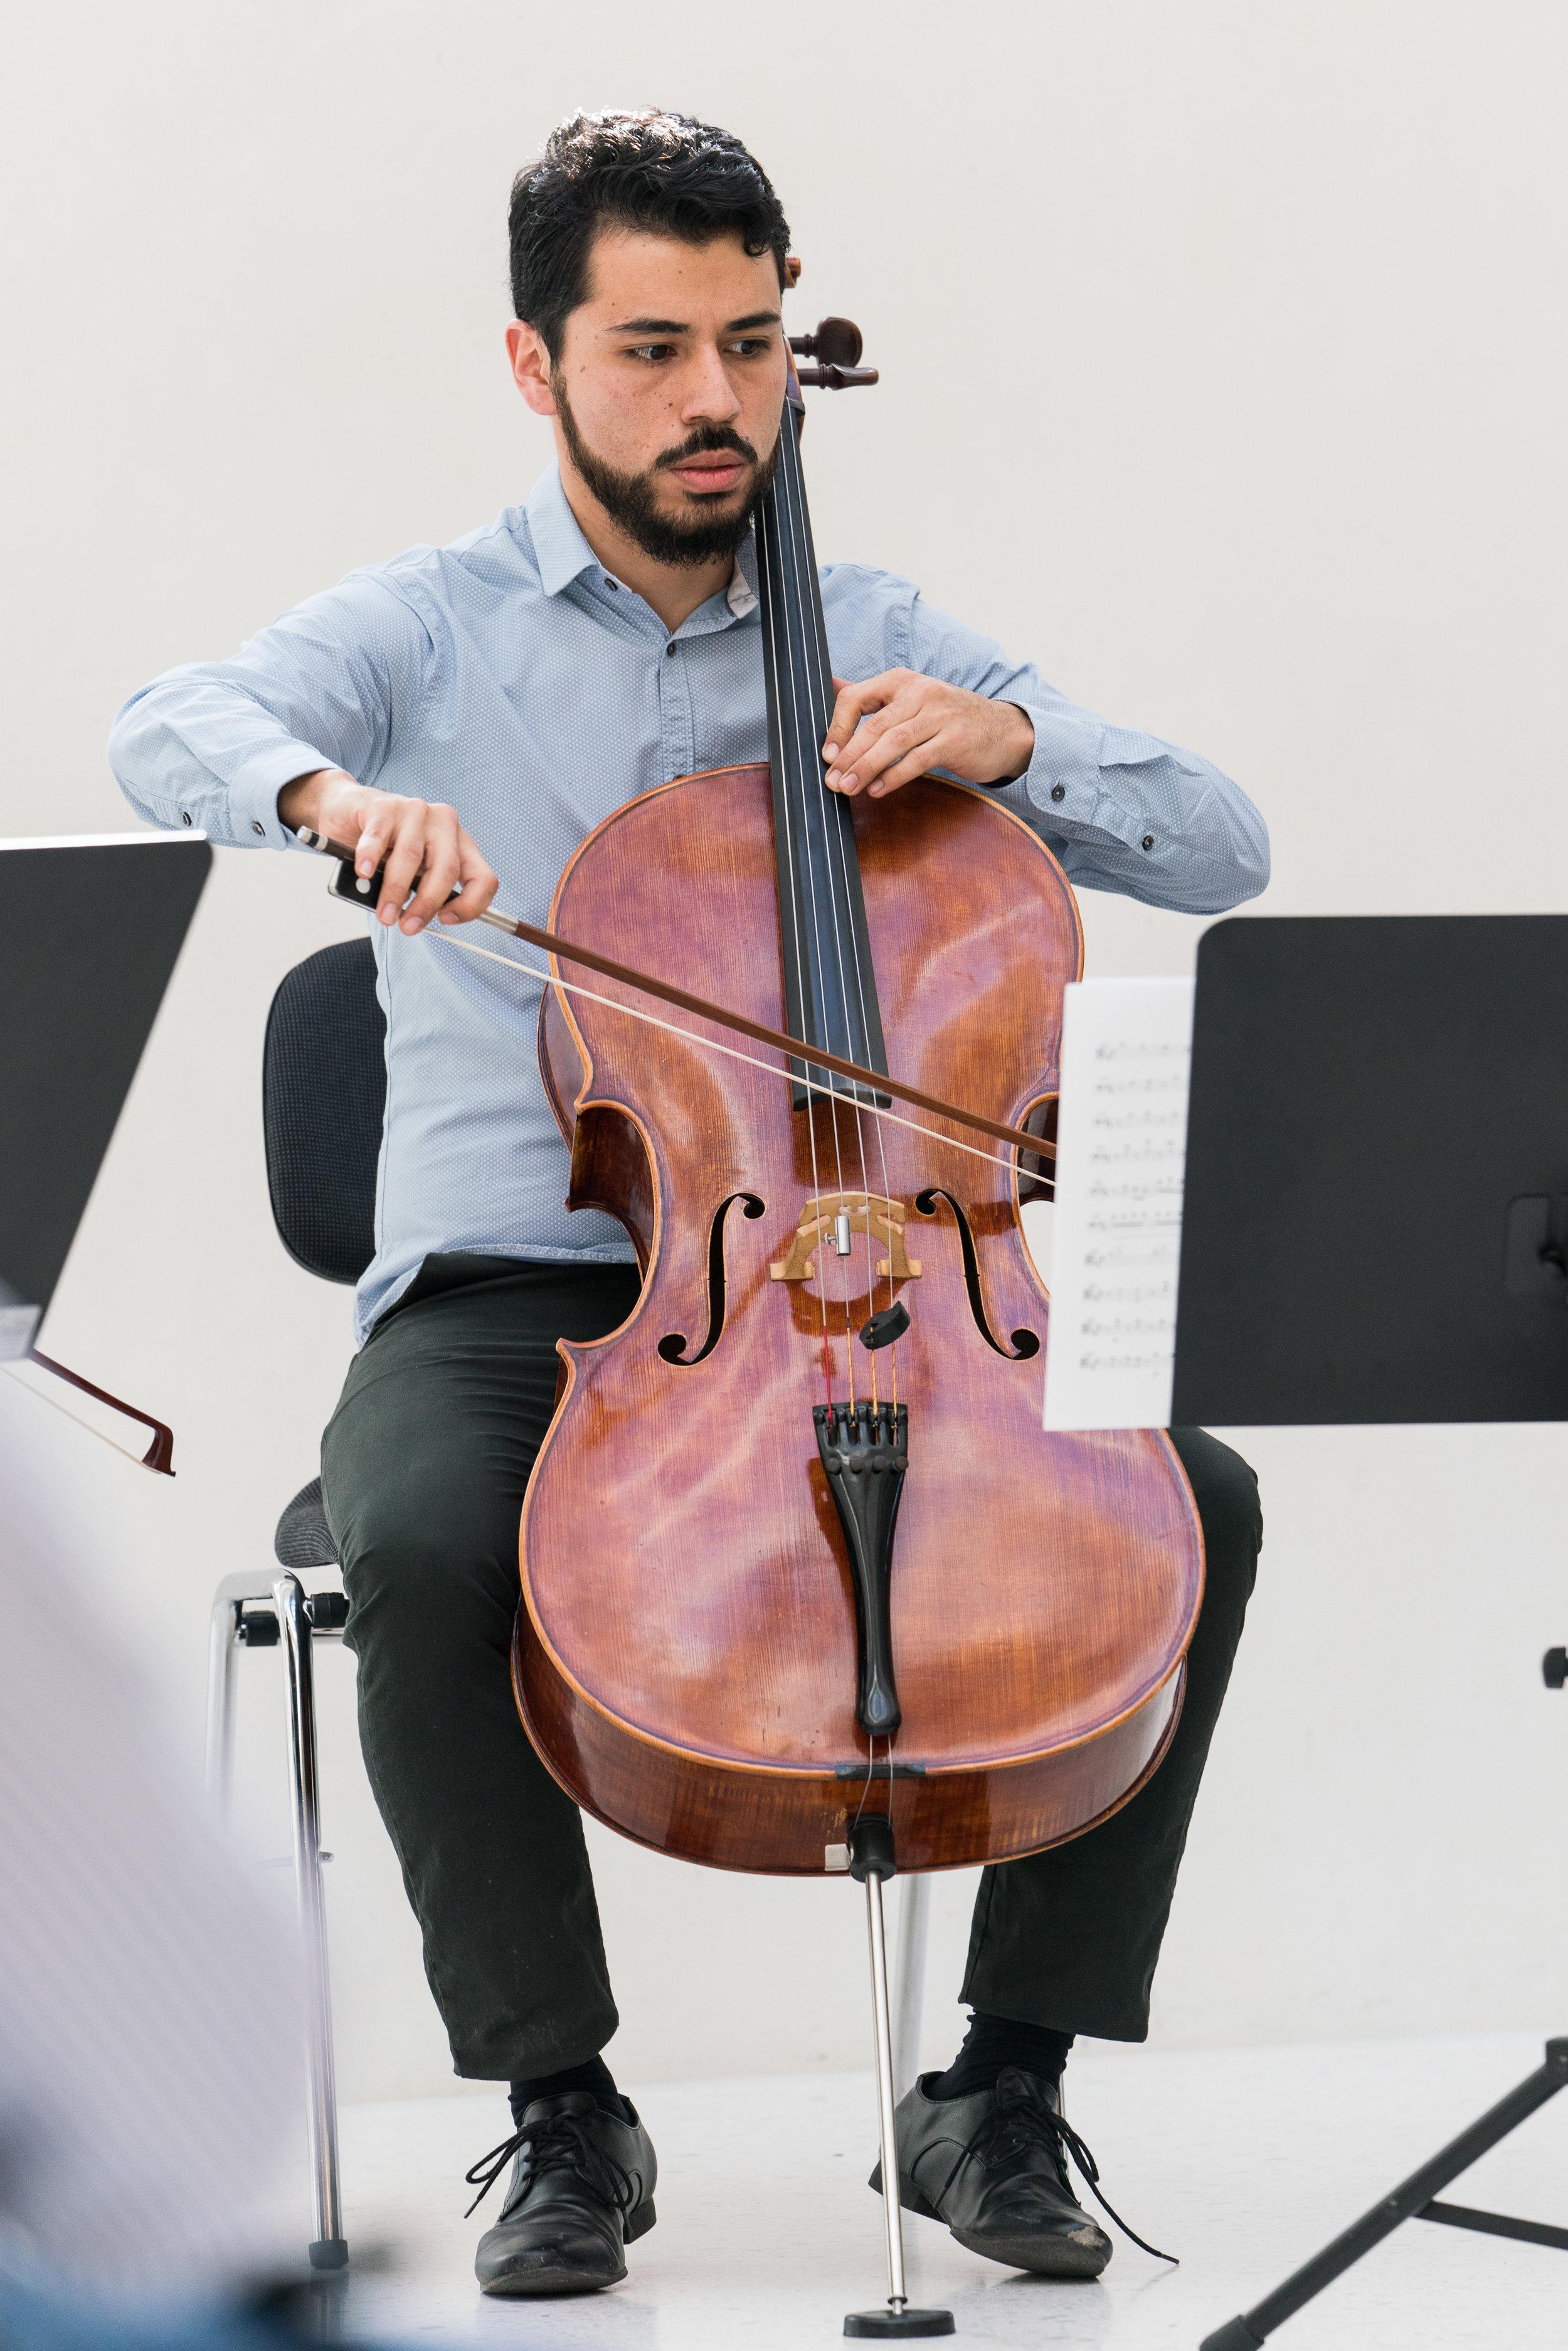 Konzert am Mittag - Cello20180206_035-036.jpg